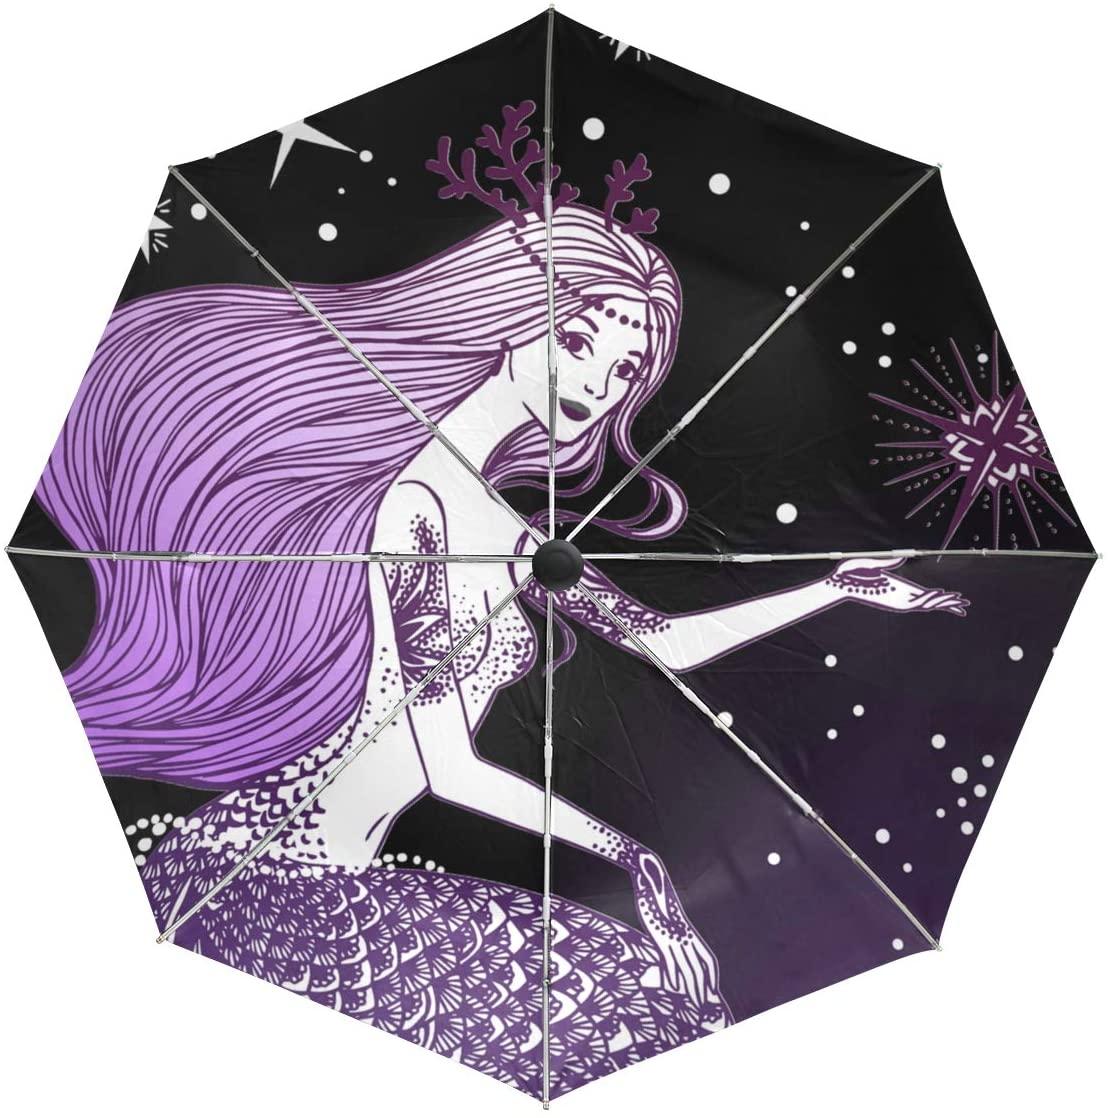 Mermaid Beauty Zodiac Umbrella Large Travel Auto Open Close Sun Blocking Umbrellas for Women Men